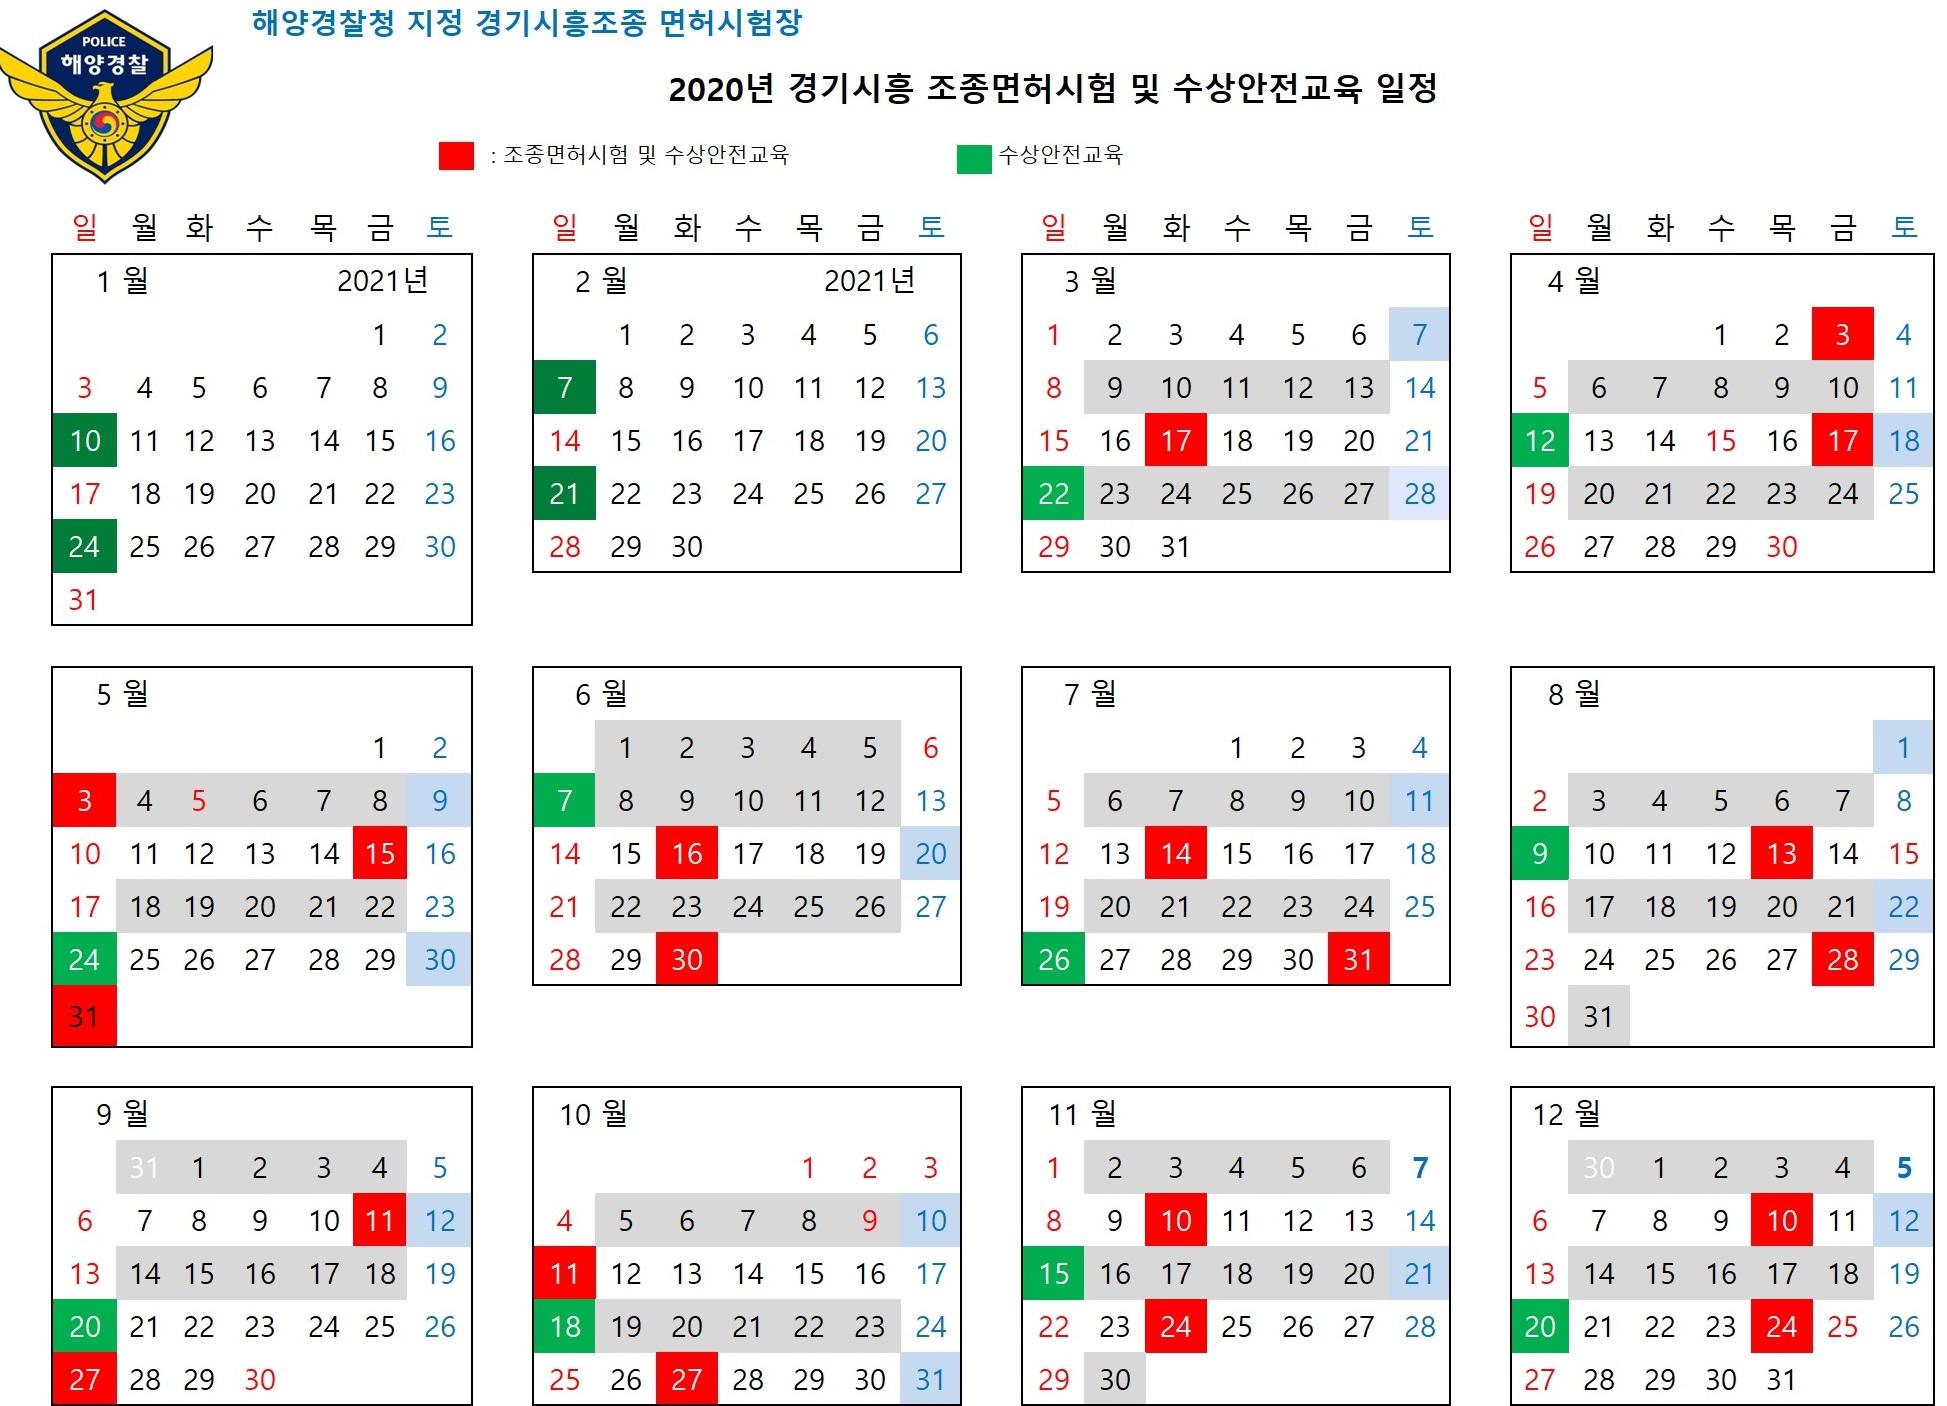 2020년 경기시흥시험장 시험일정.jpg